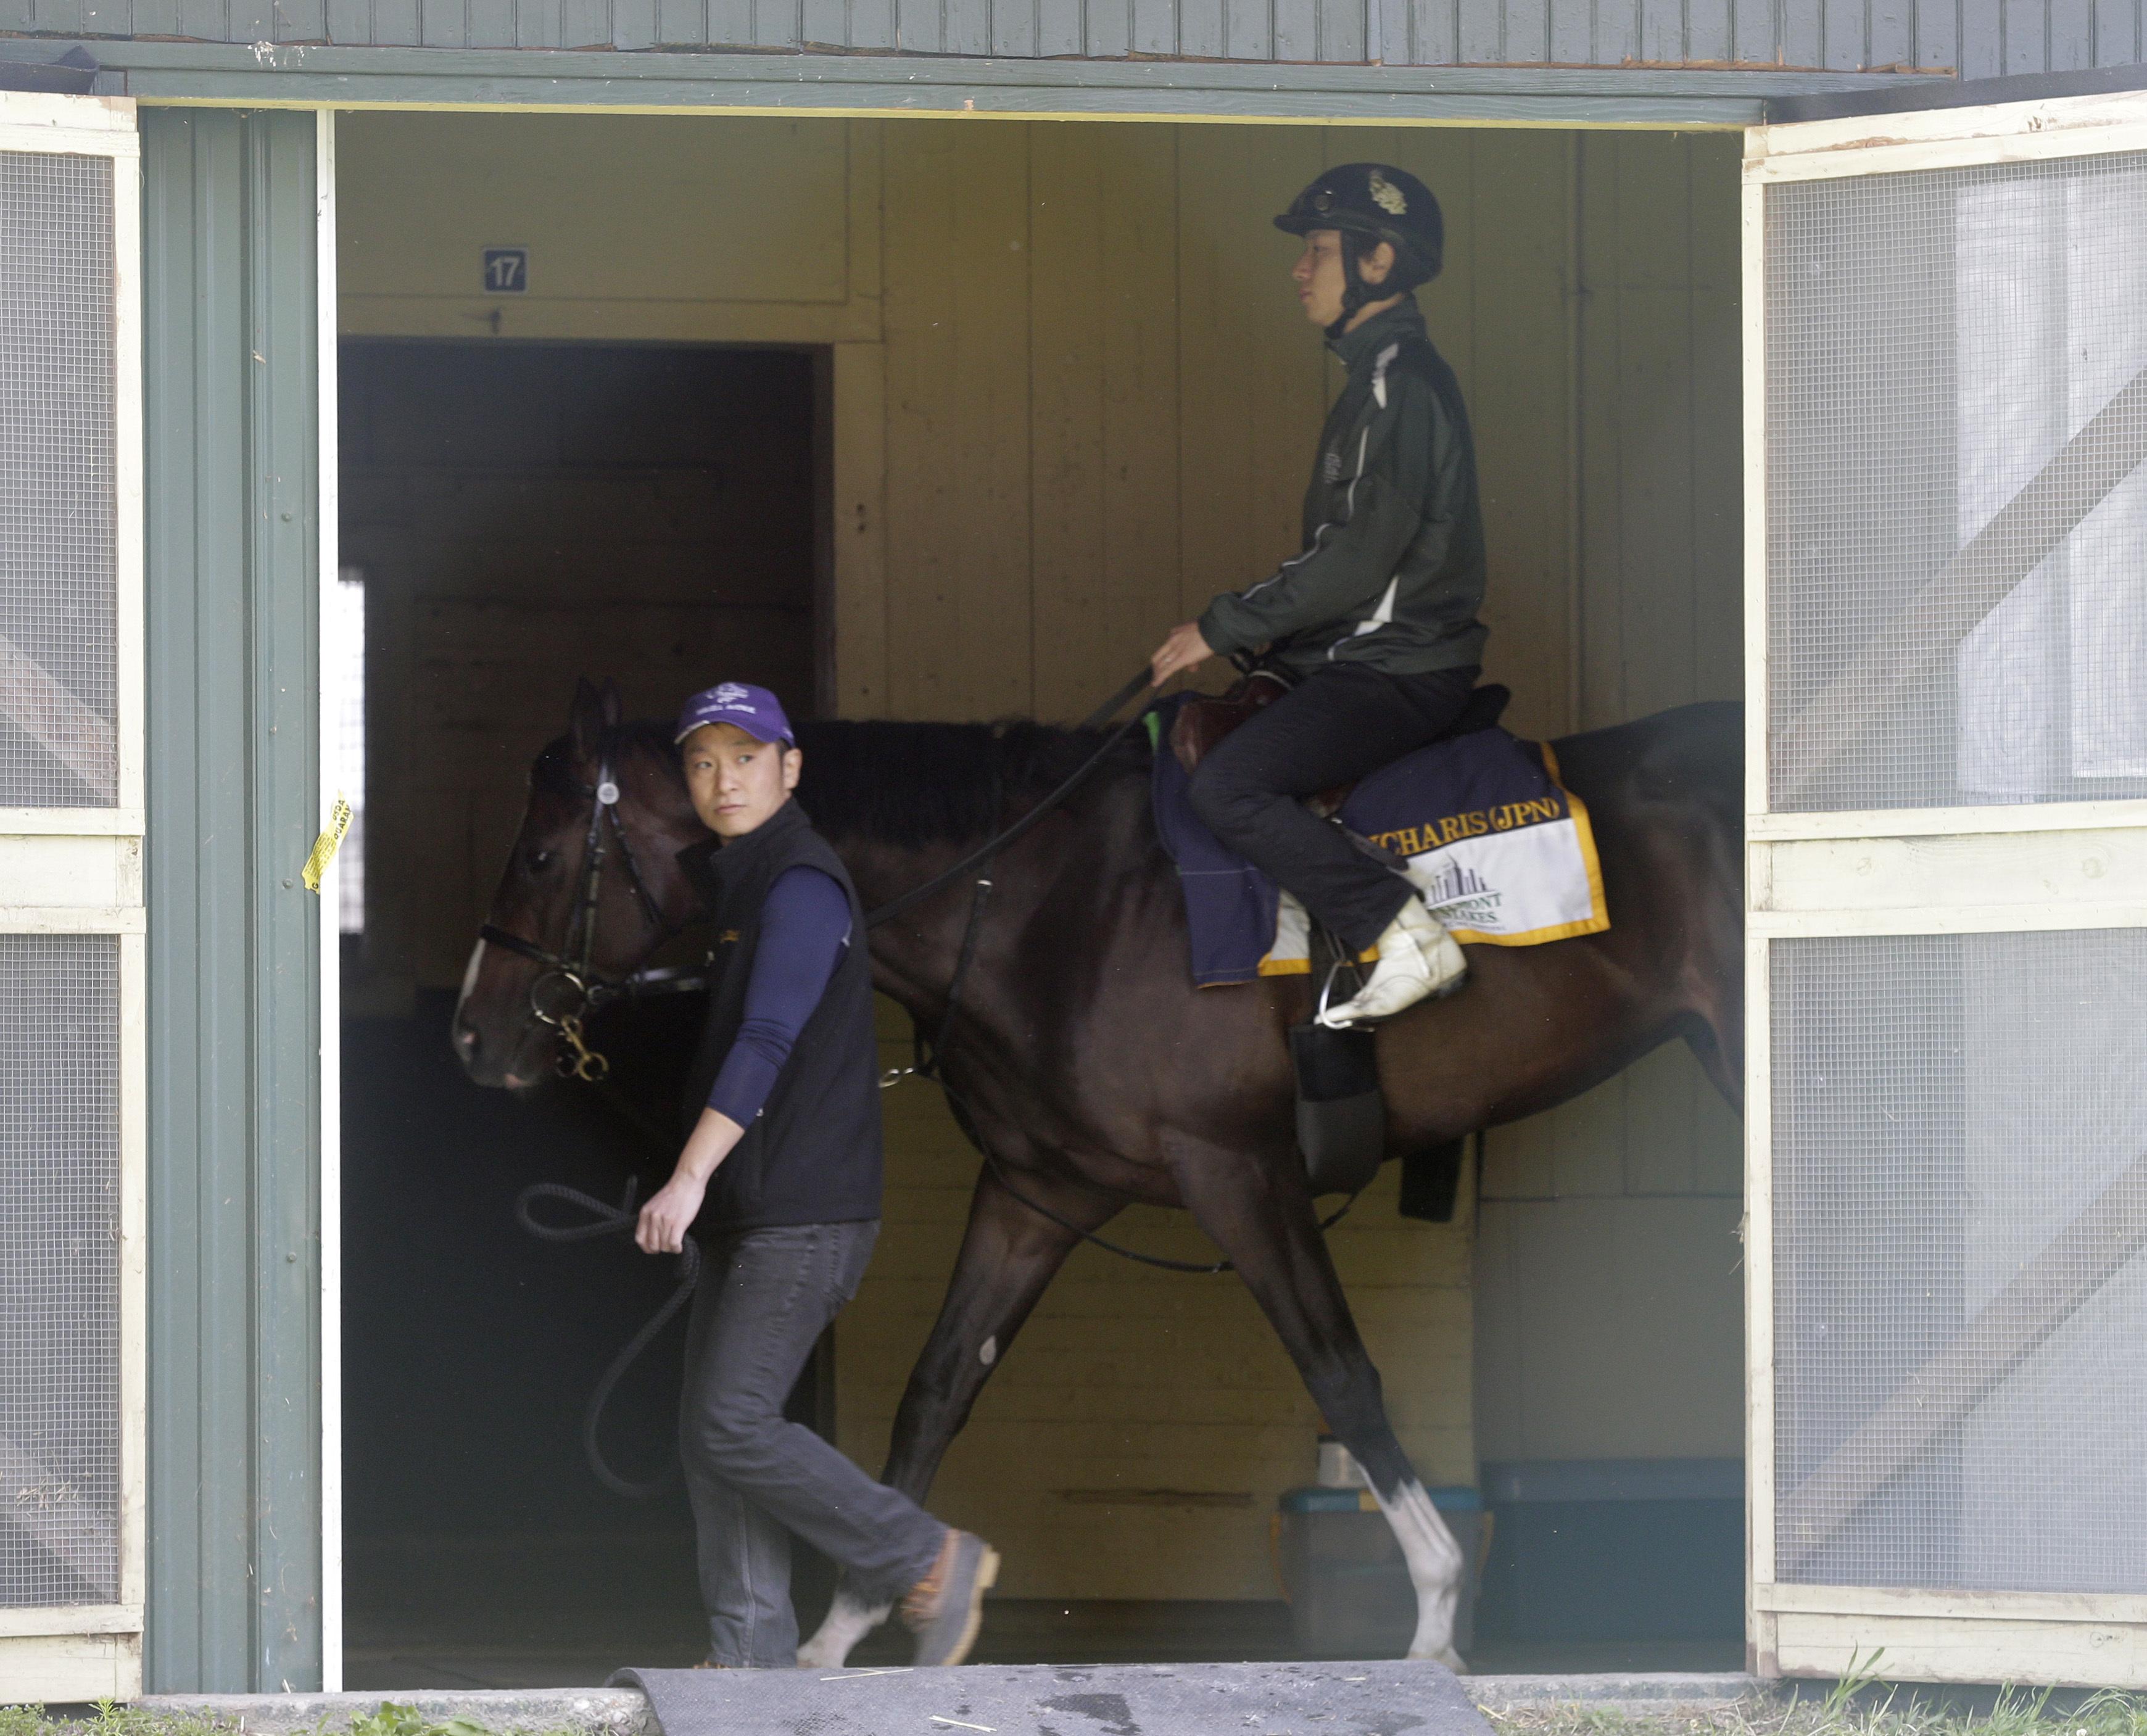 Belmont Stakes hopeful Epicharis walks in his barn at Belmont Park, Friday, June 9, 2017, in Elmont, N.Y. Epicharis, is expected to run in 149th Belmont Stakes horse race on Saturday. (AP Photo Peter Morgan)